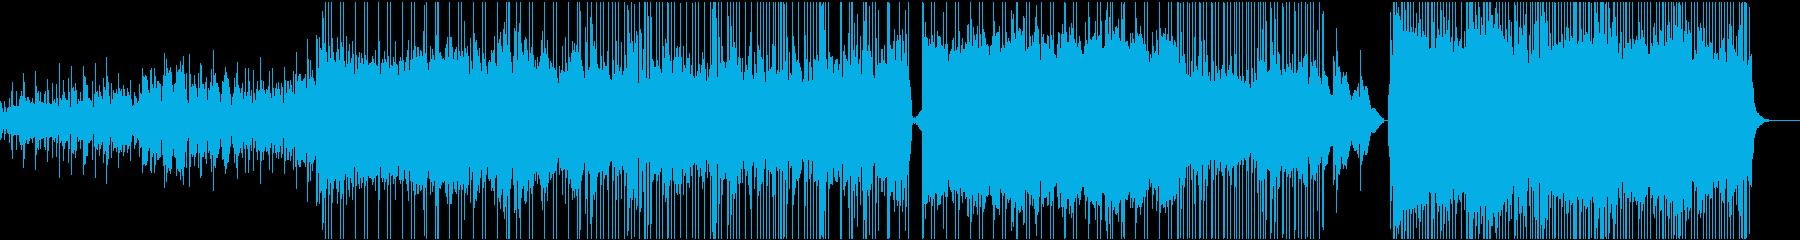 Acusticギターが抜かれていま...の再生済みの波形